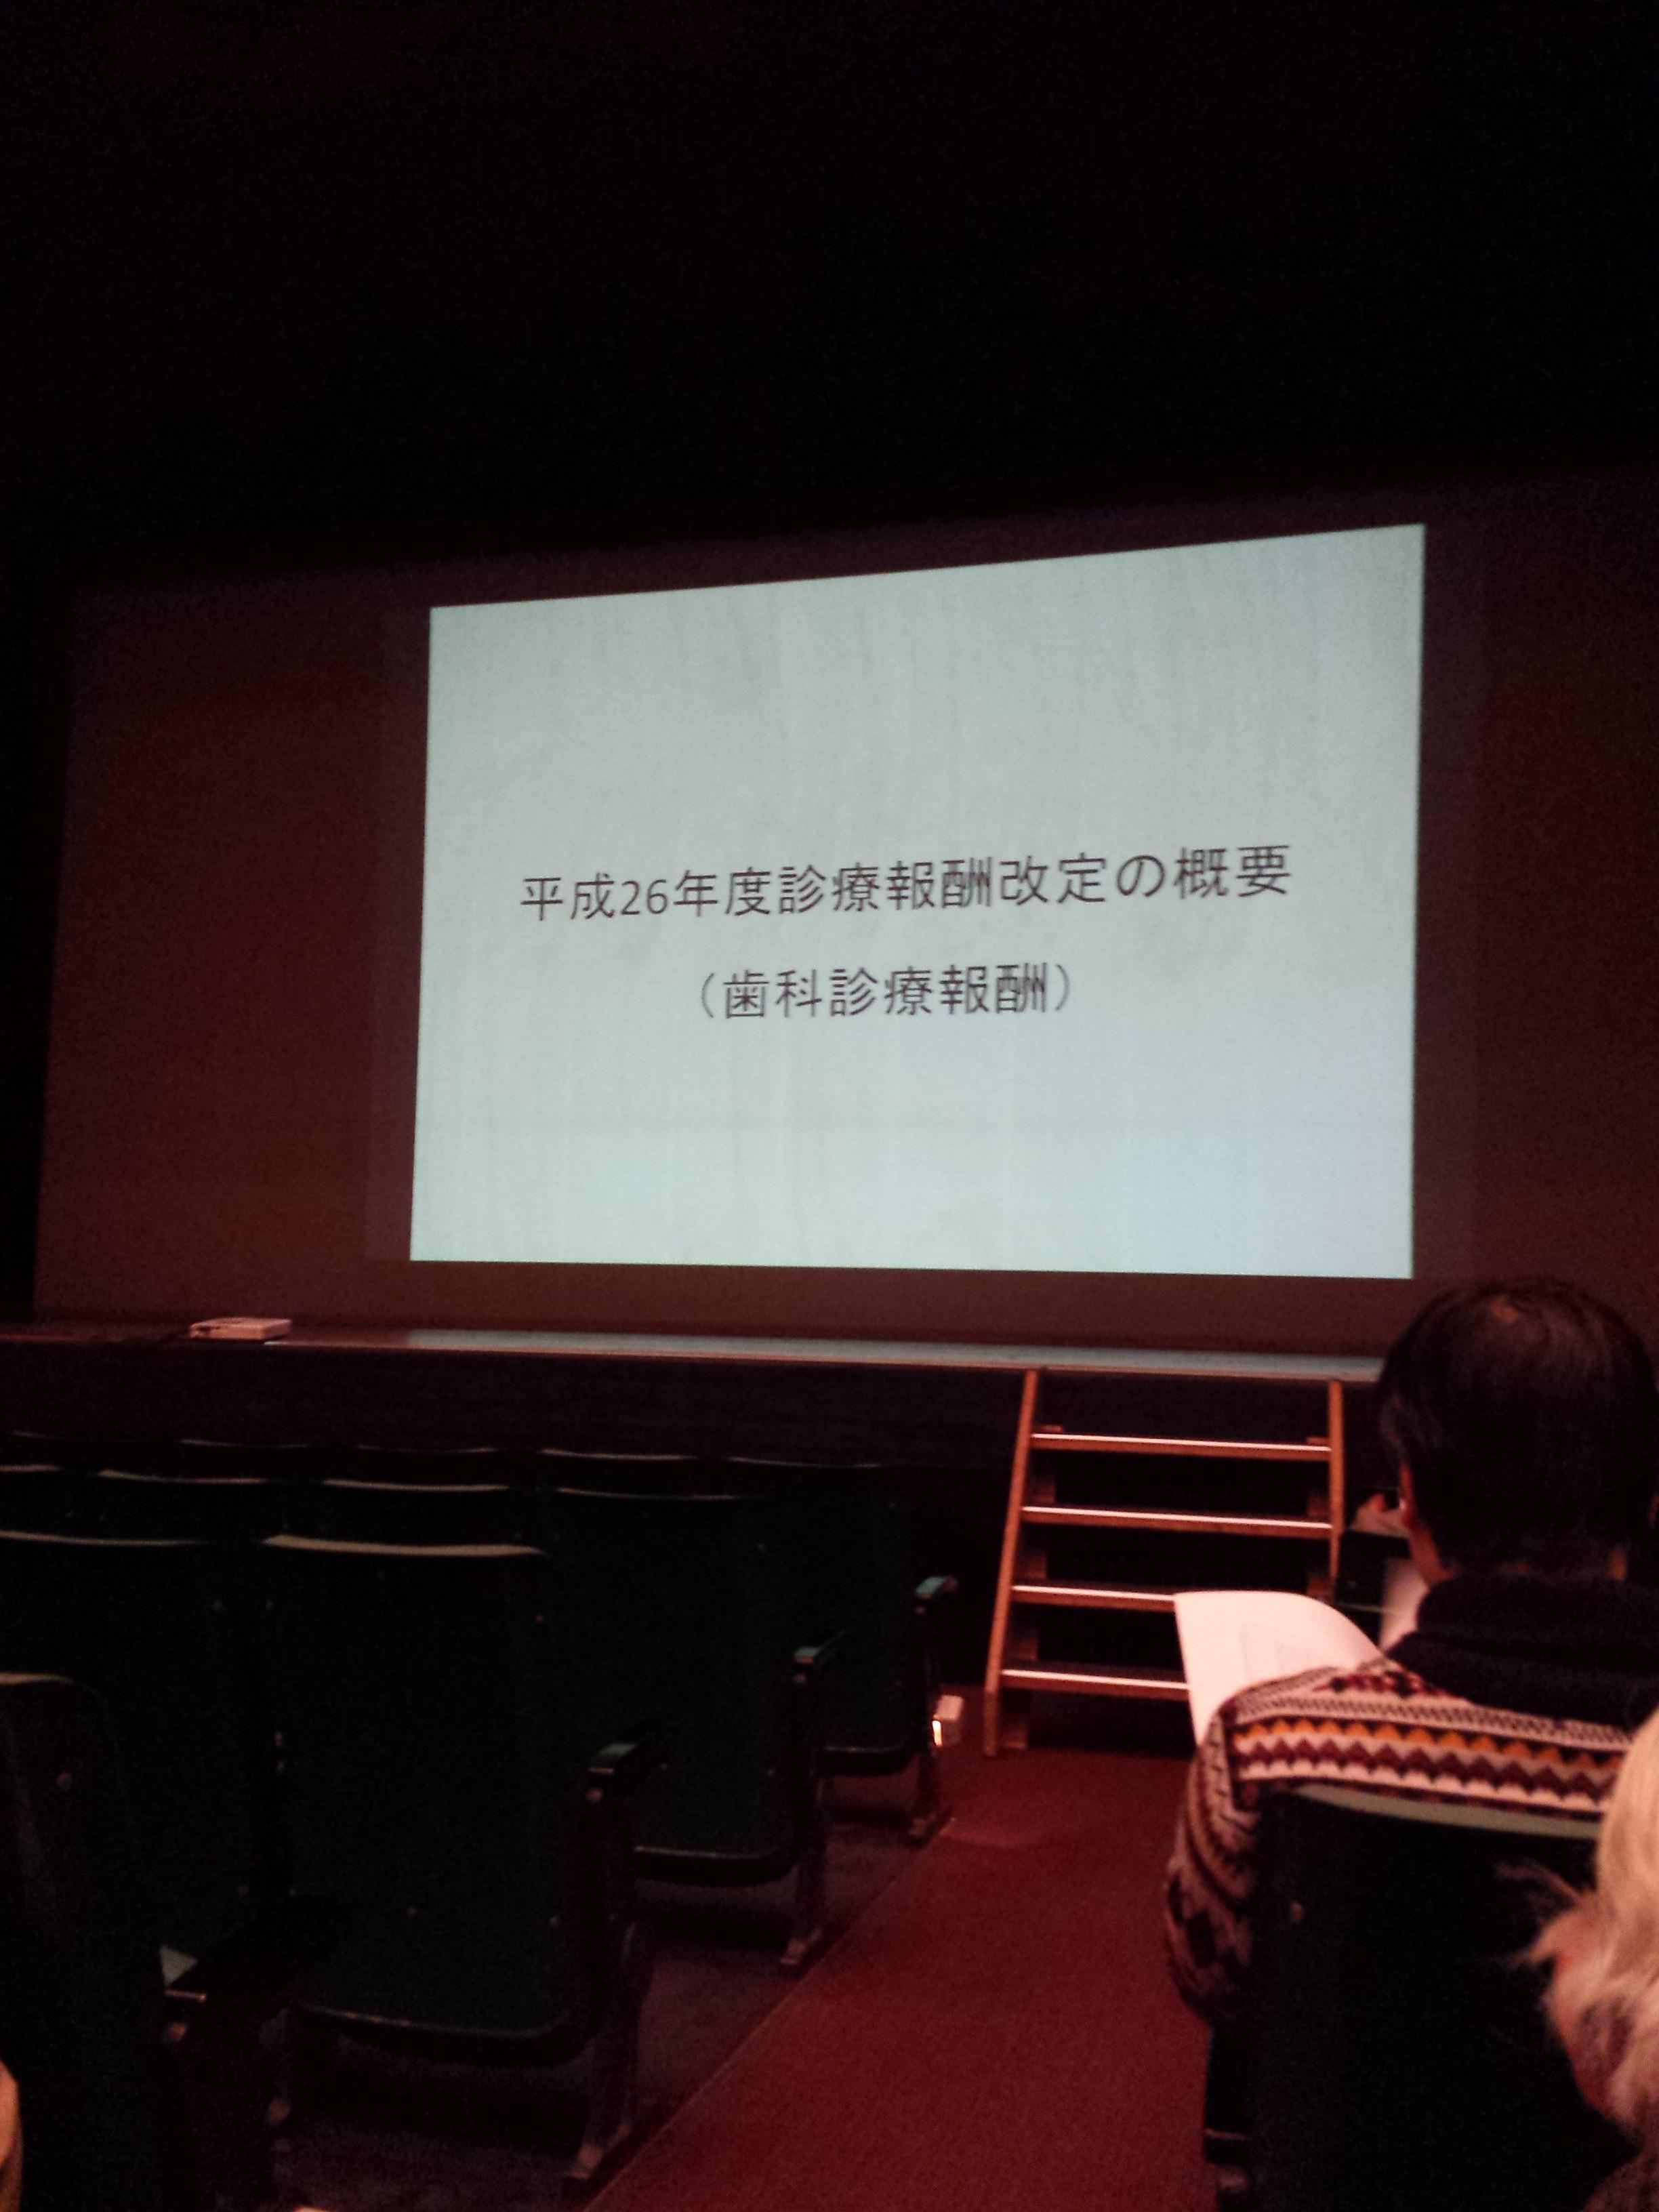 20140325_175359.jpg